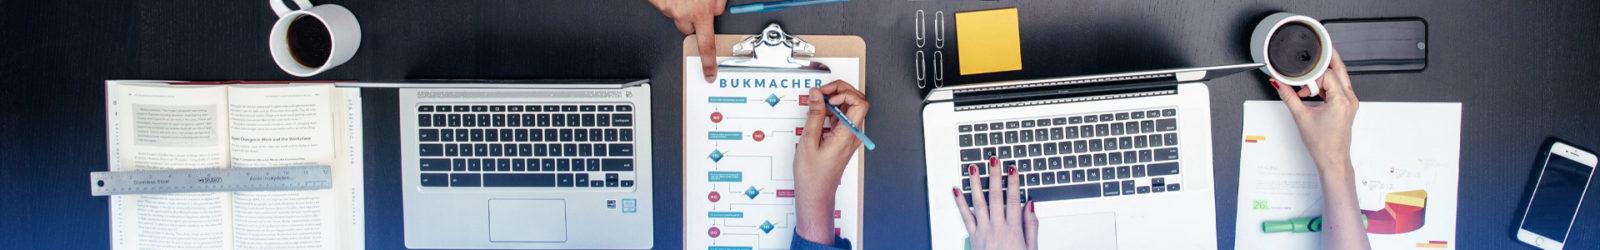 błędy bukmacherów